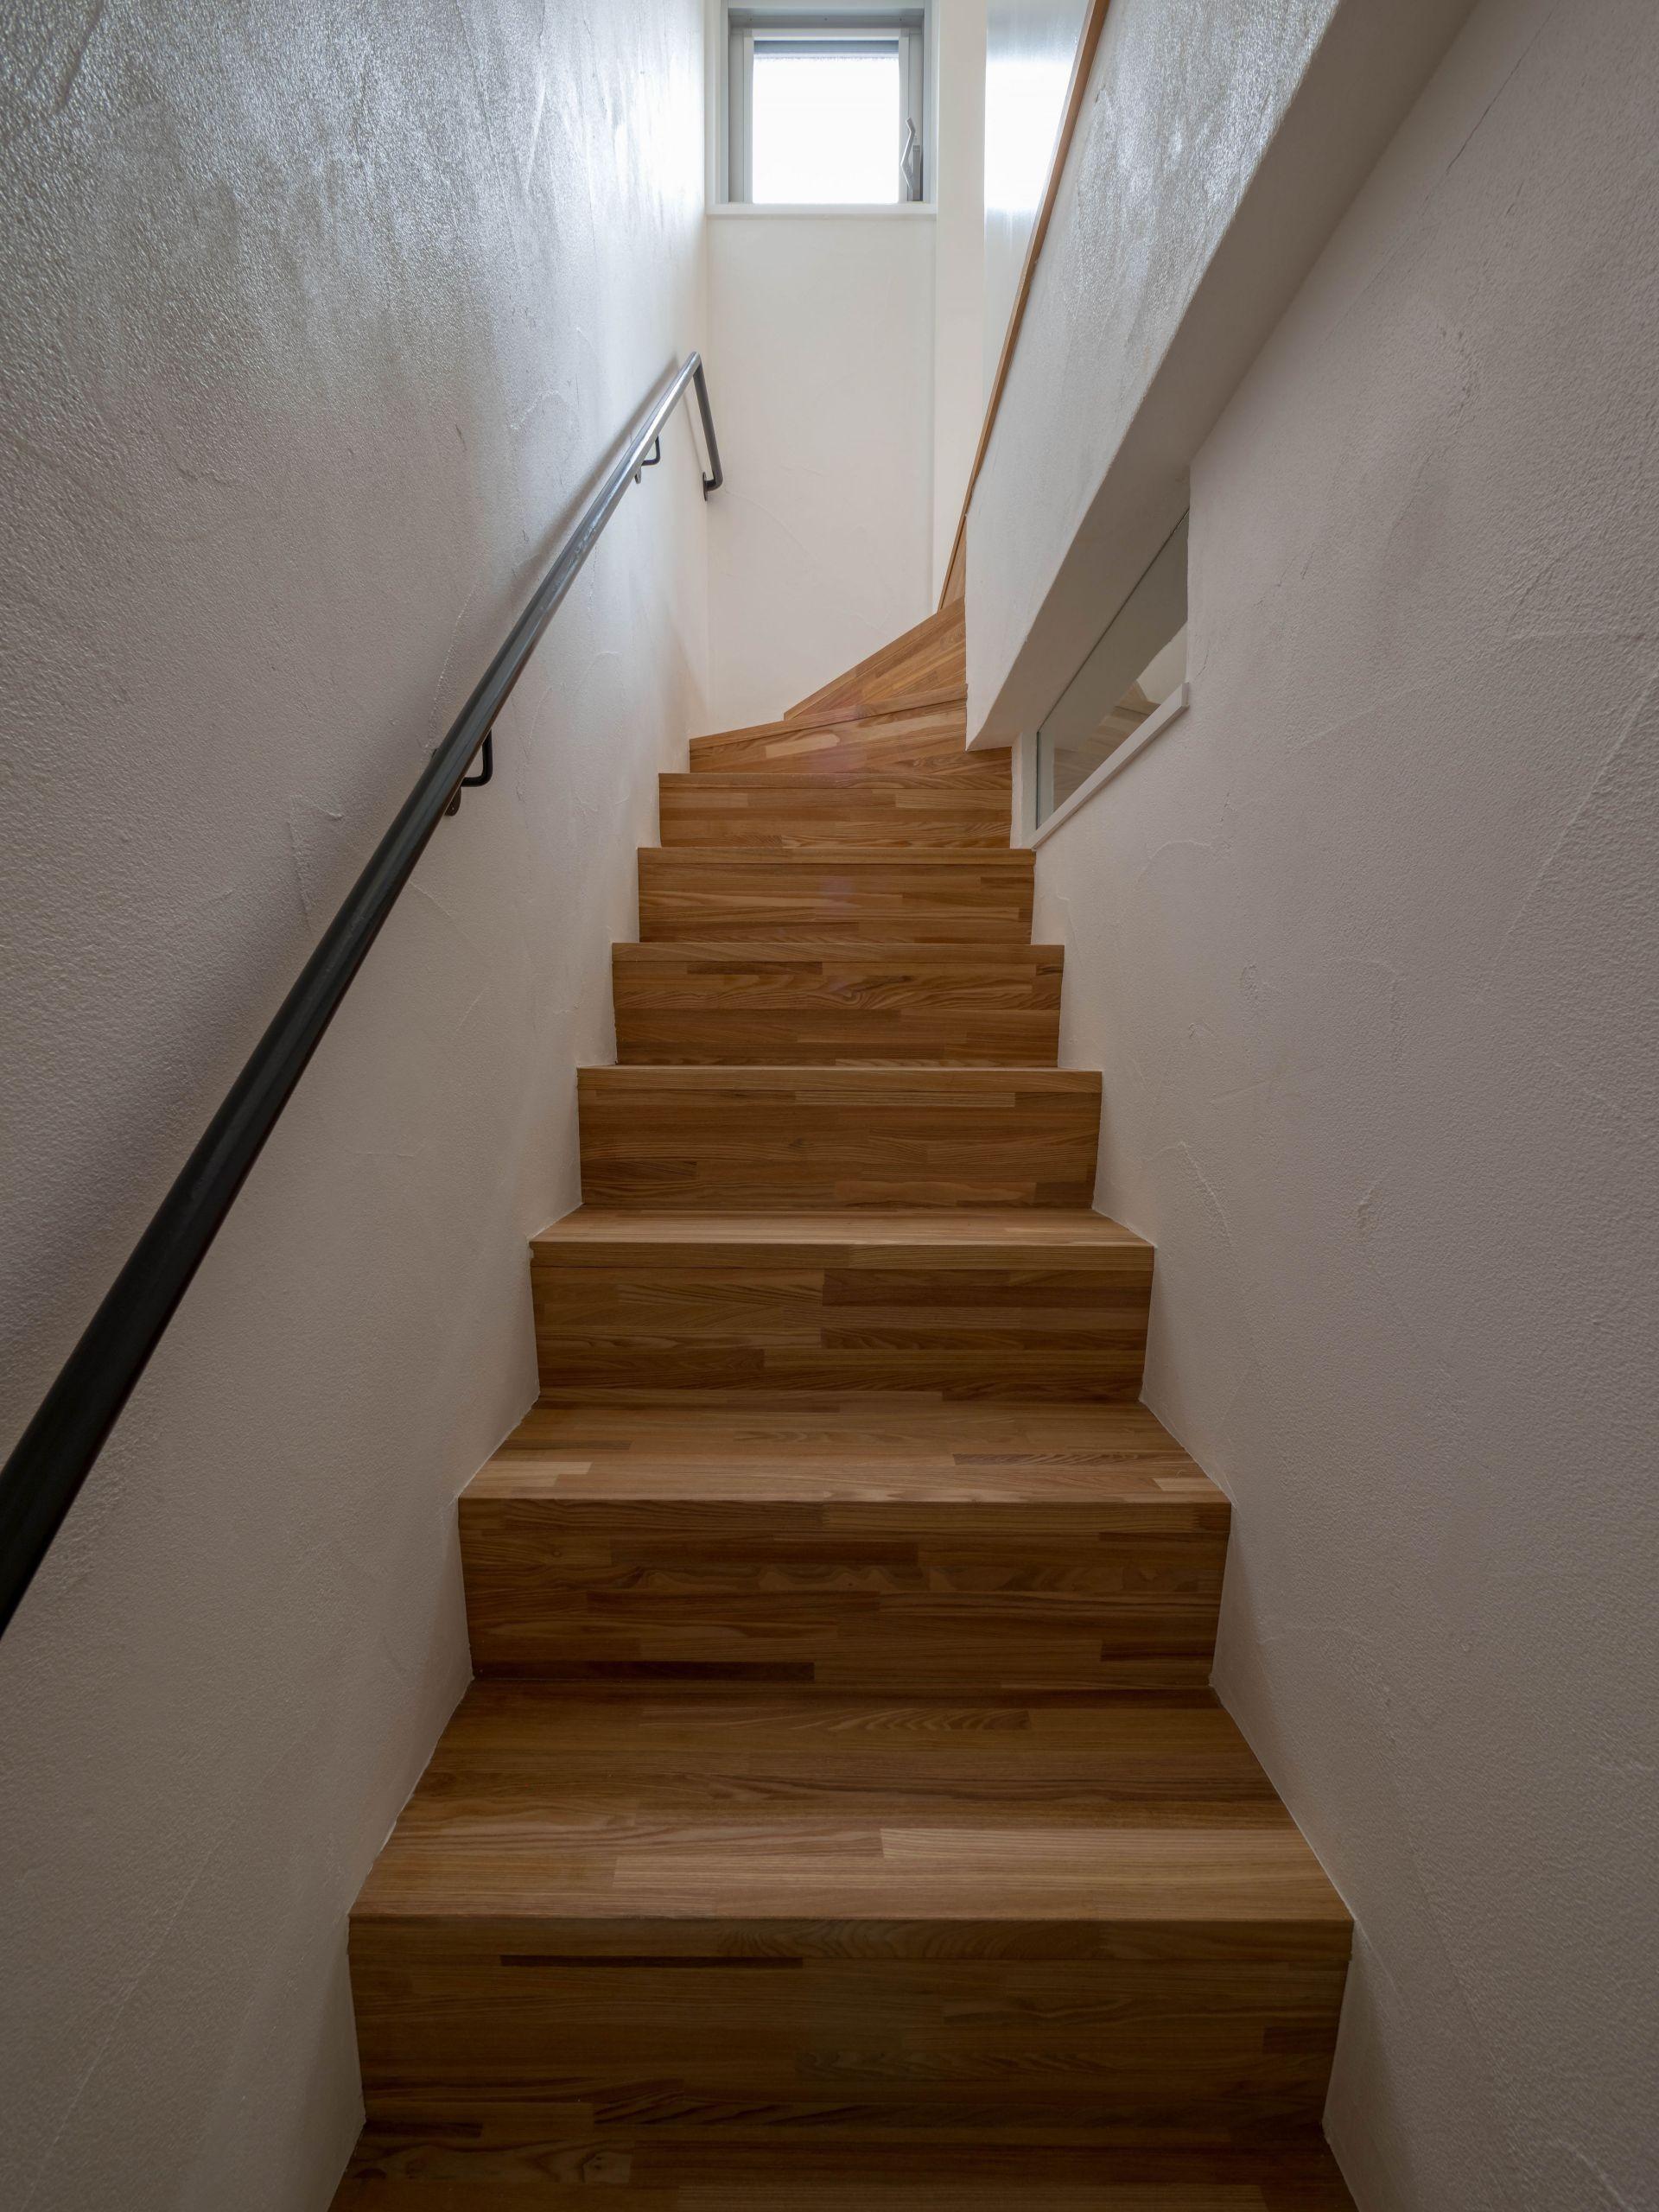 その他事例:明るい階段室(壁孔の家)